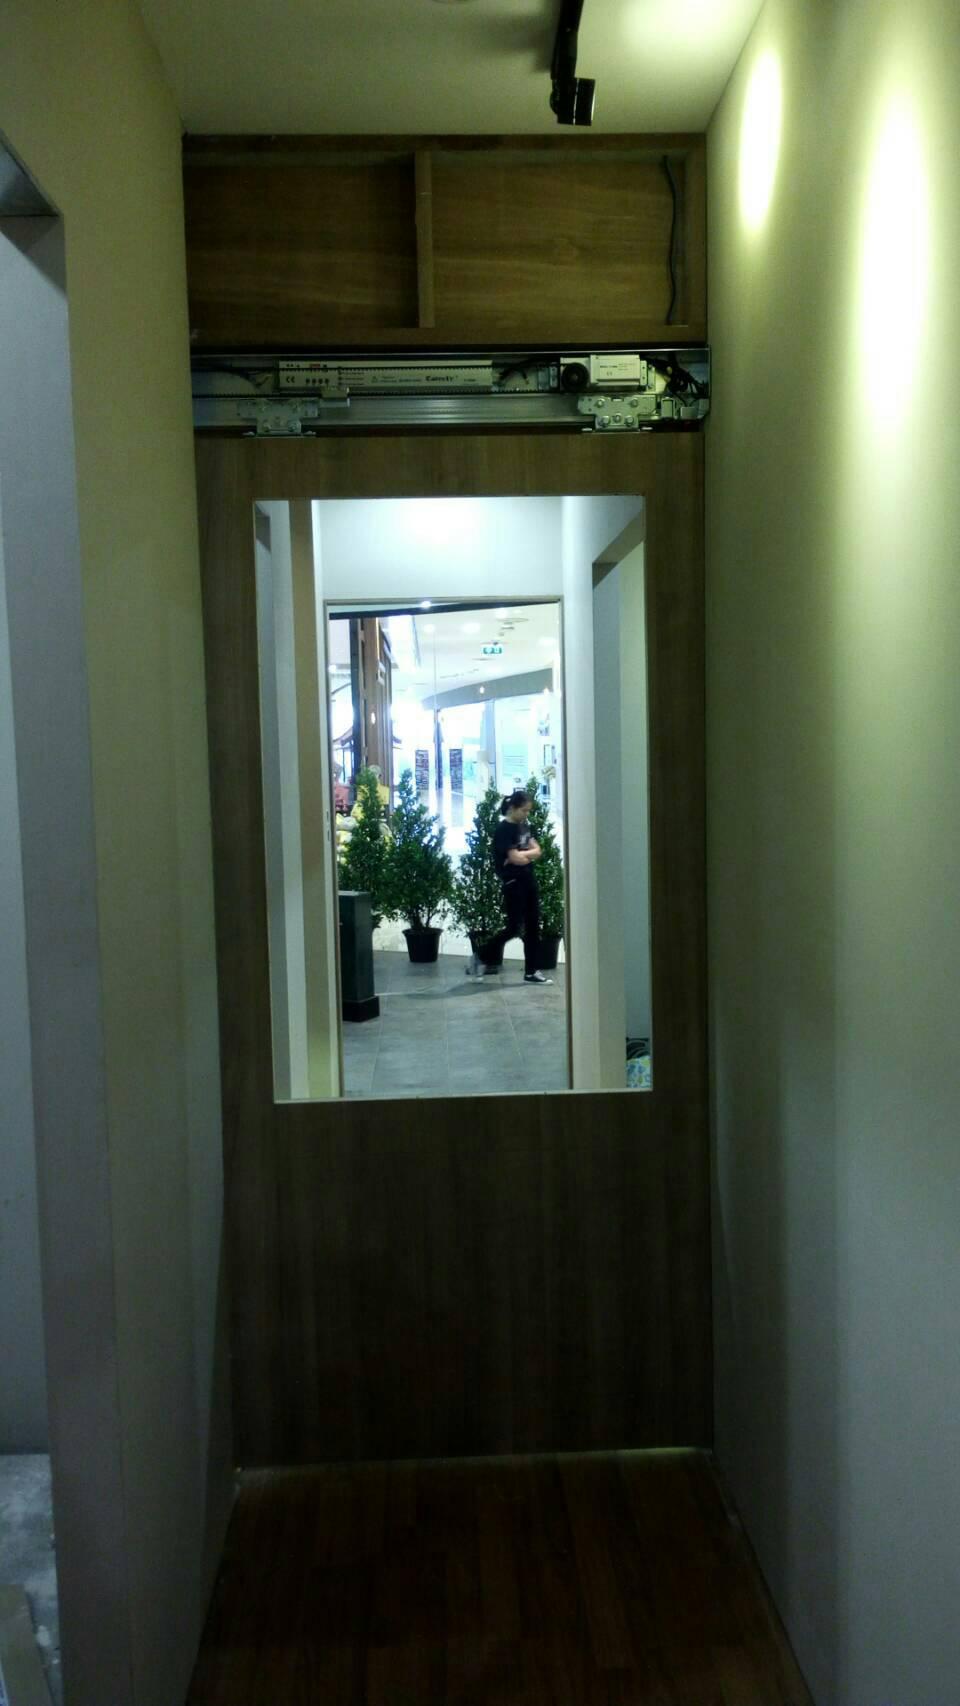 ประตูระบบอัตโนมัติ